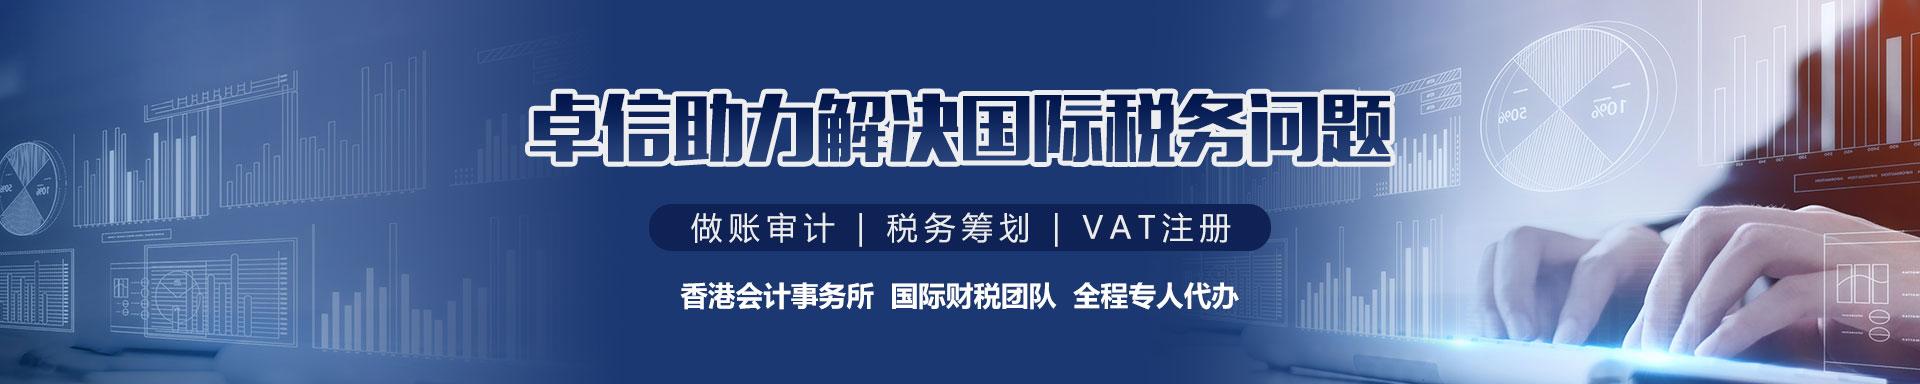 首页banner-国际税务